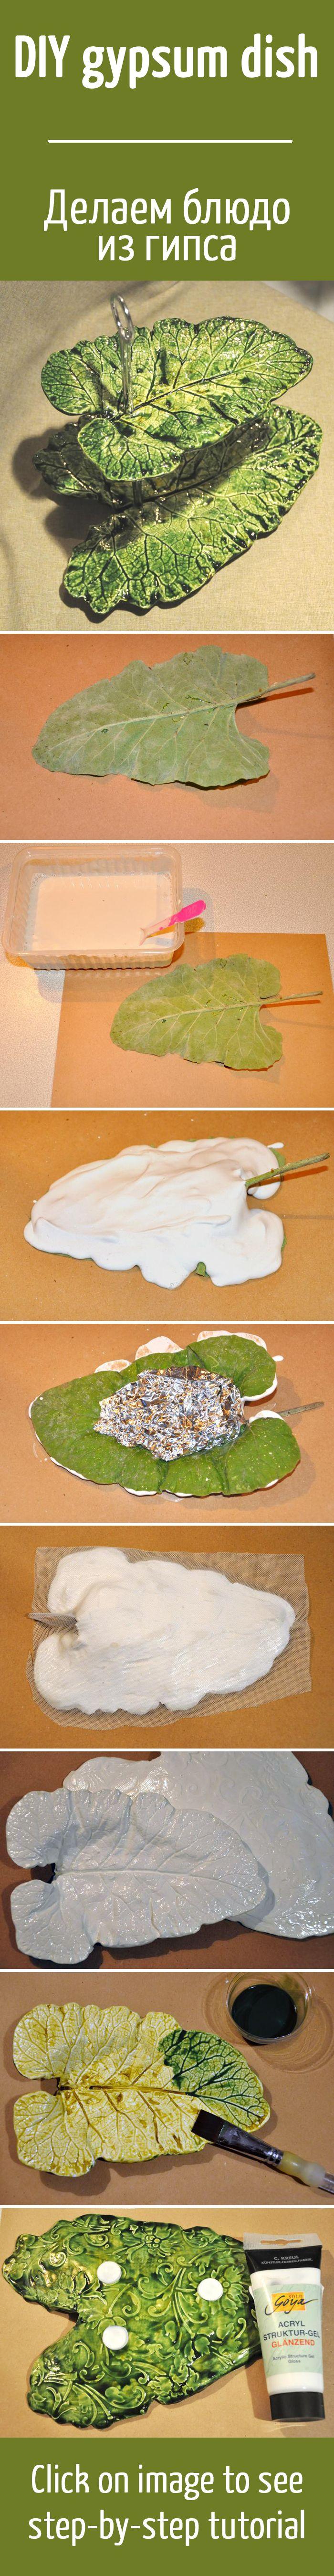 Делаем декоративное блюдо-этажерку из гипса с использованием штампов / DIY gypsum dish